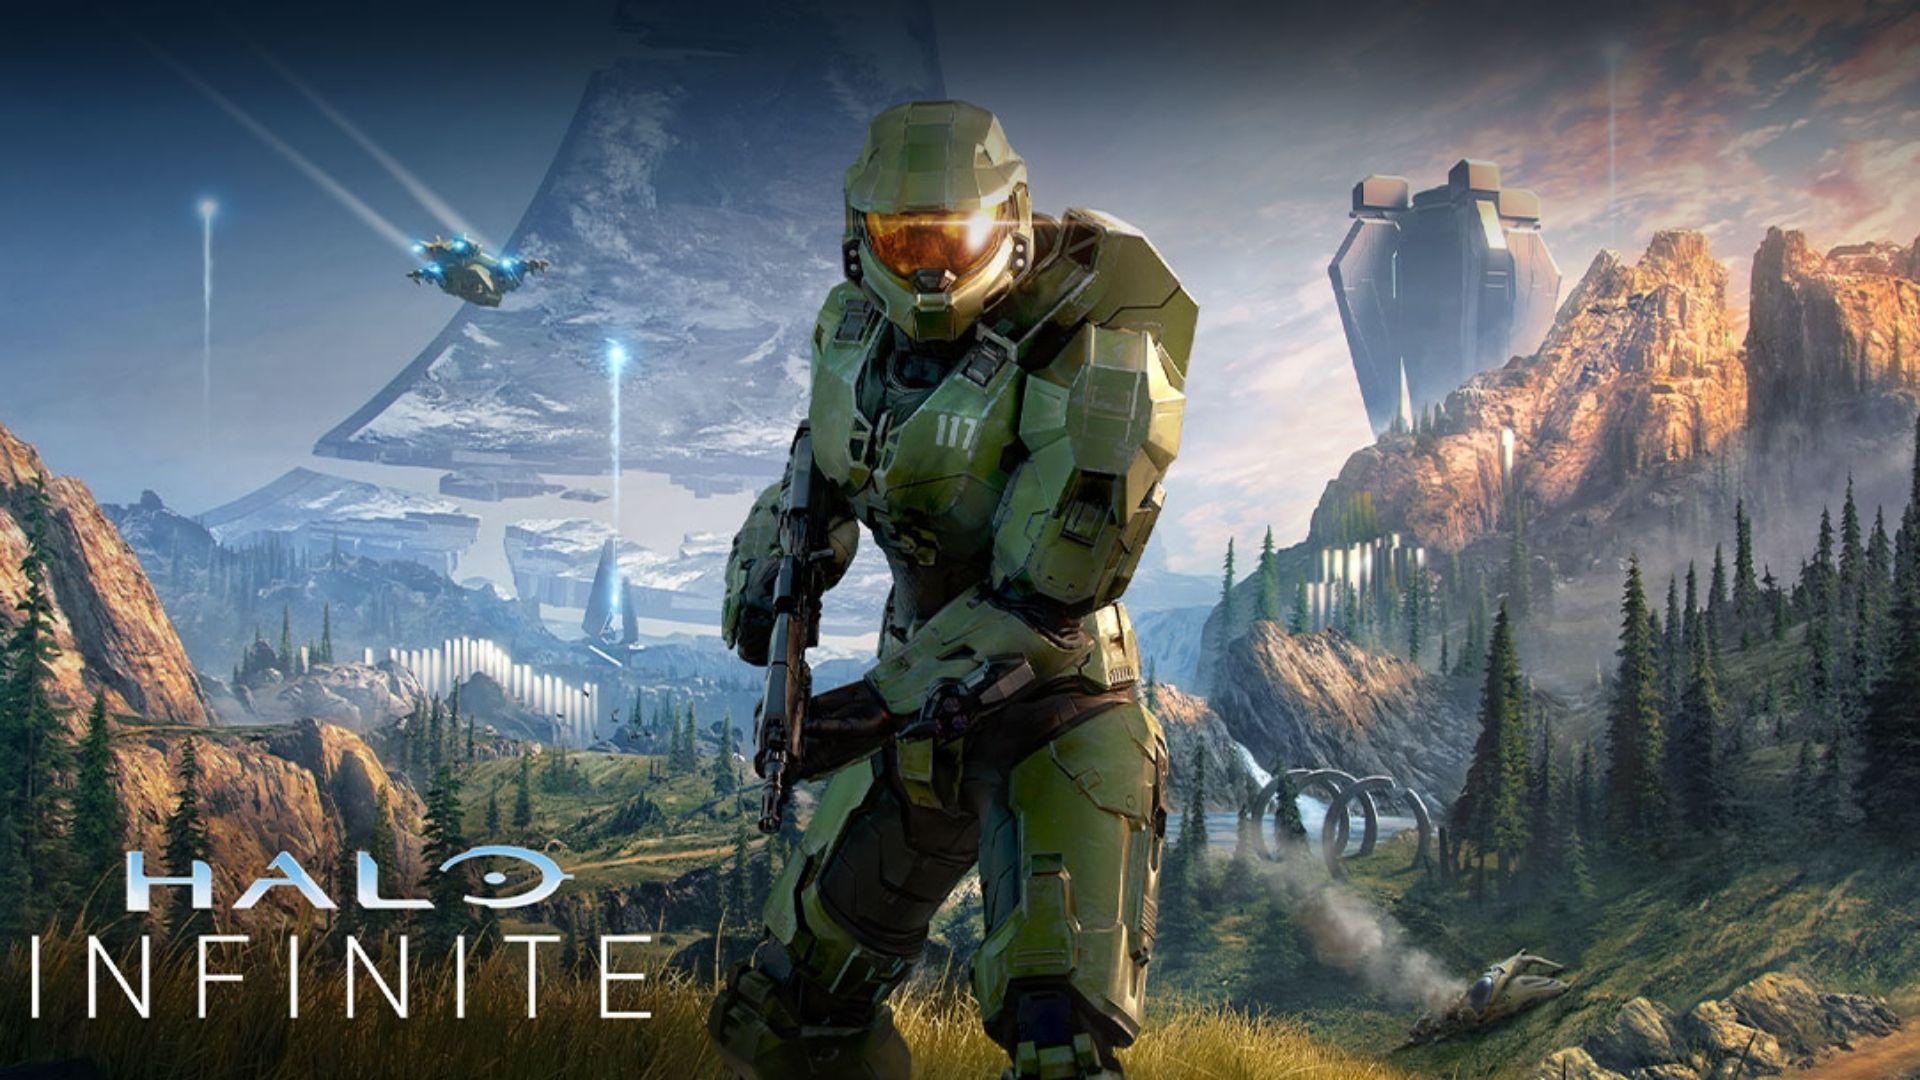 Halo infinite e horizon forbidden west na gamescom 2021: veja tudo que rolou no evento!